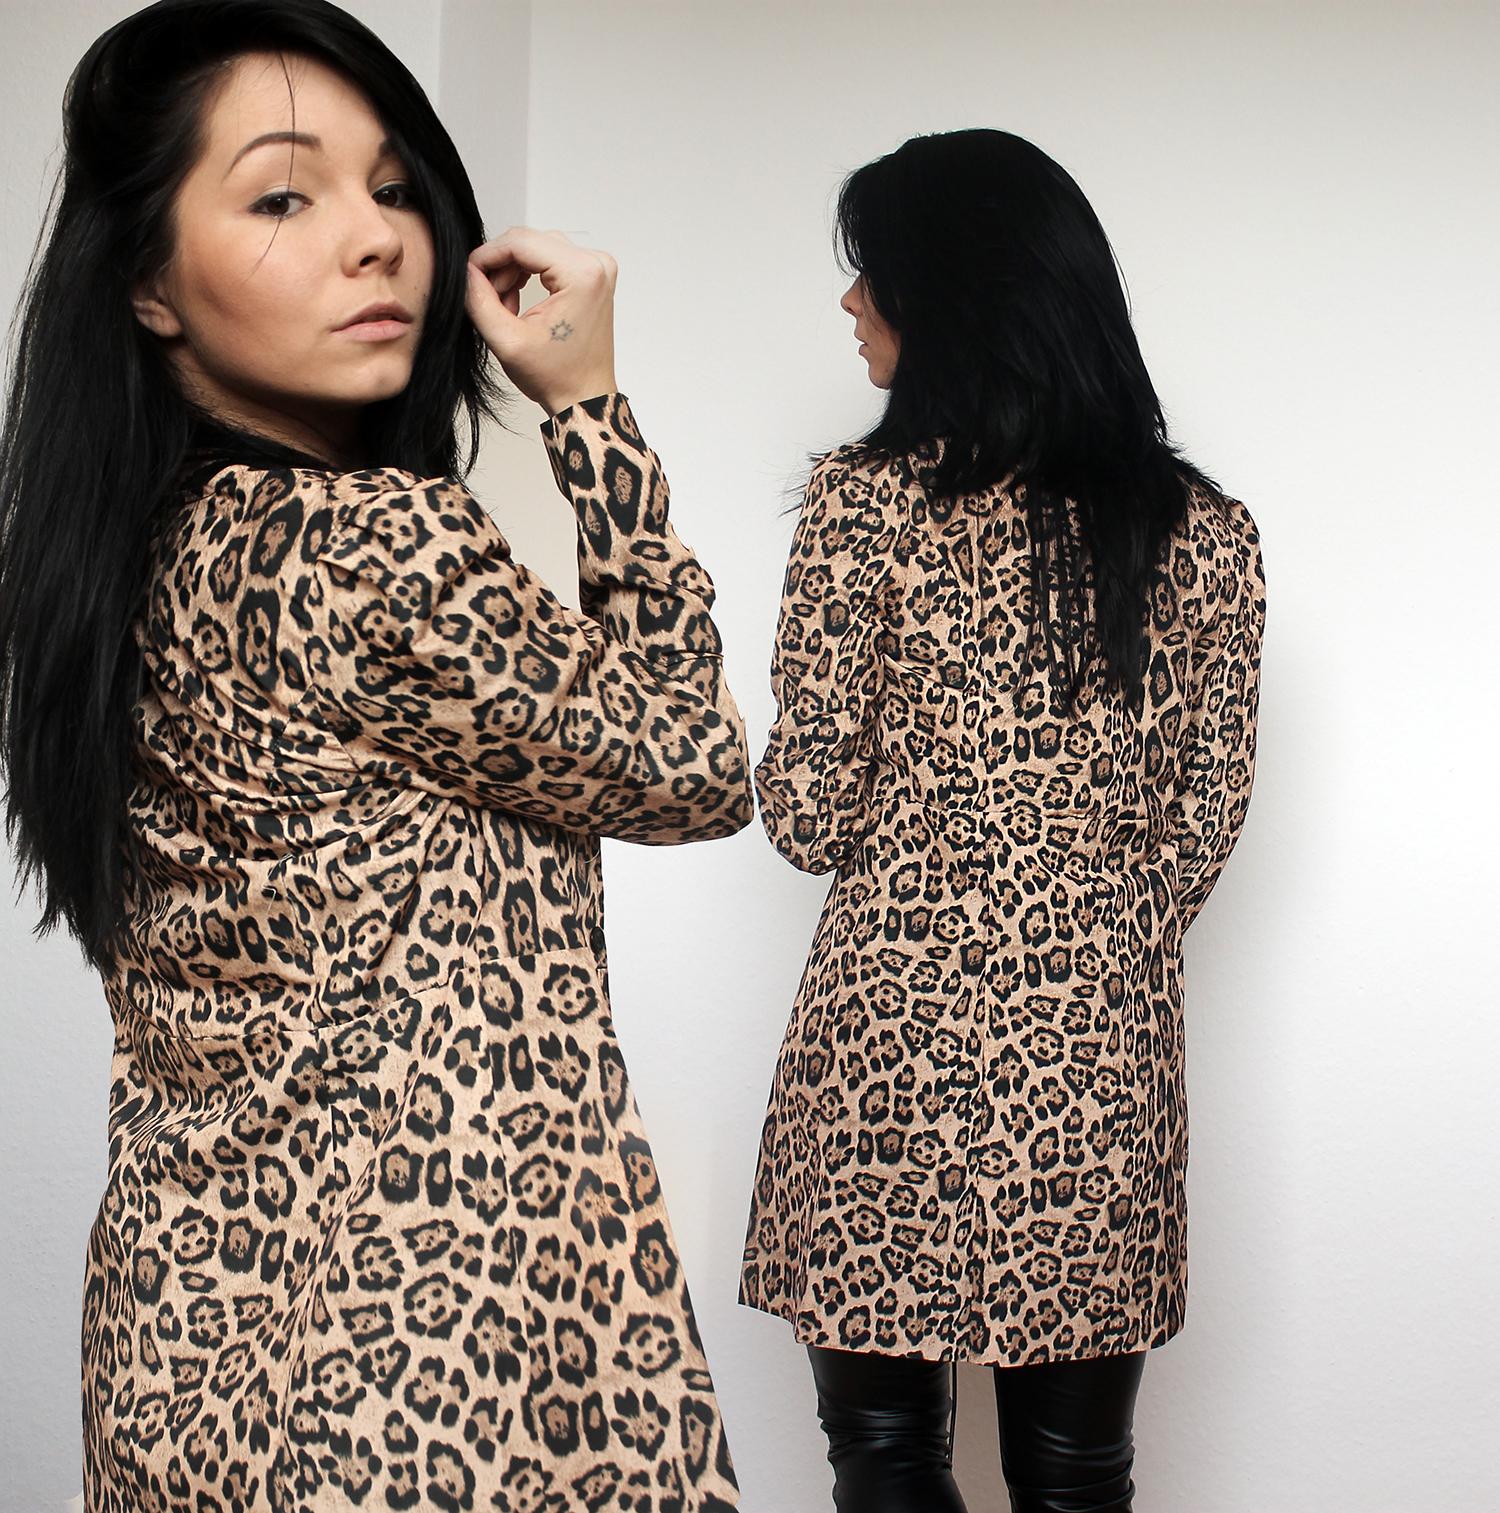 modny płaszcz 2016